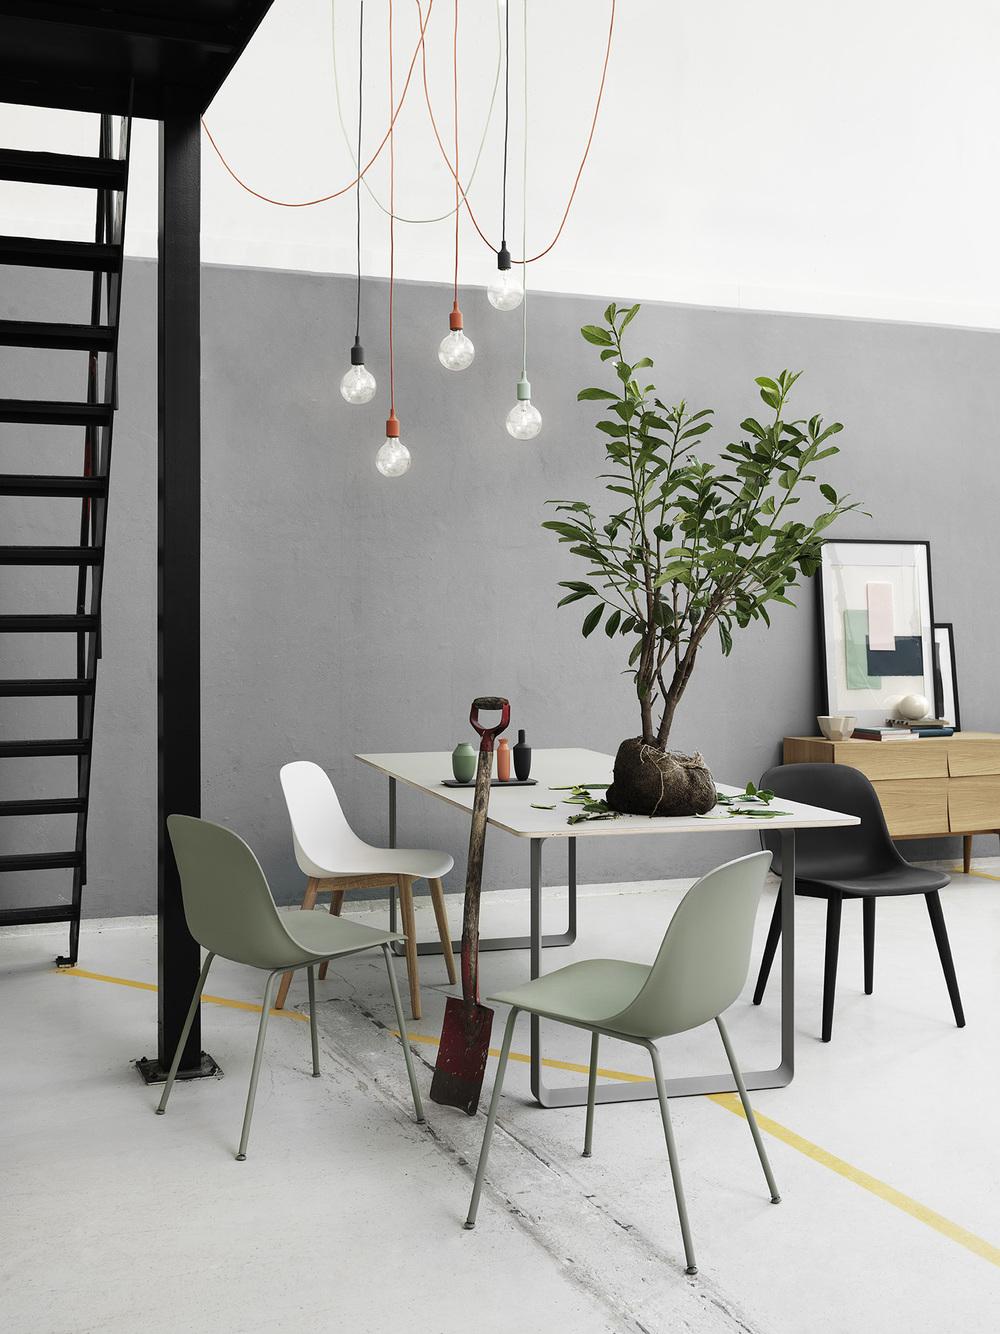 Muuto tafels en stoelen in verschillende opties